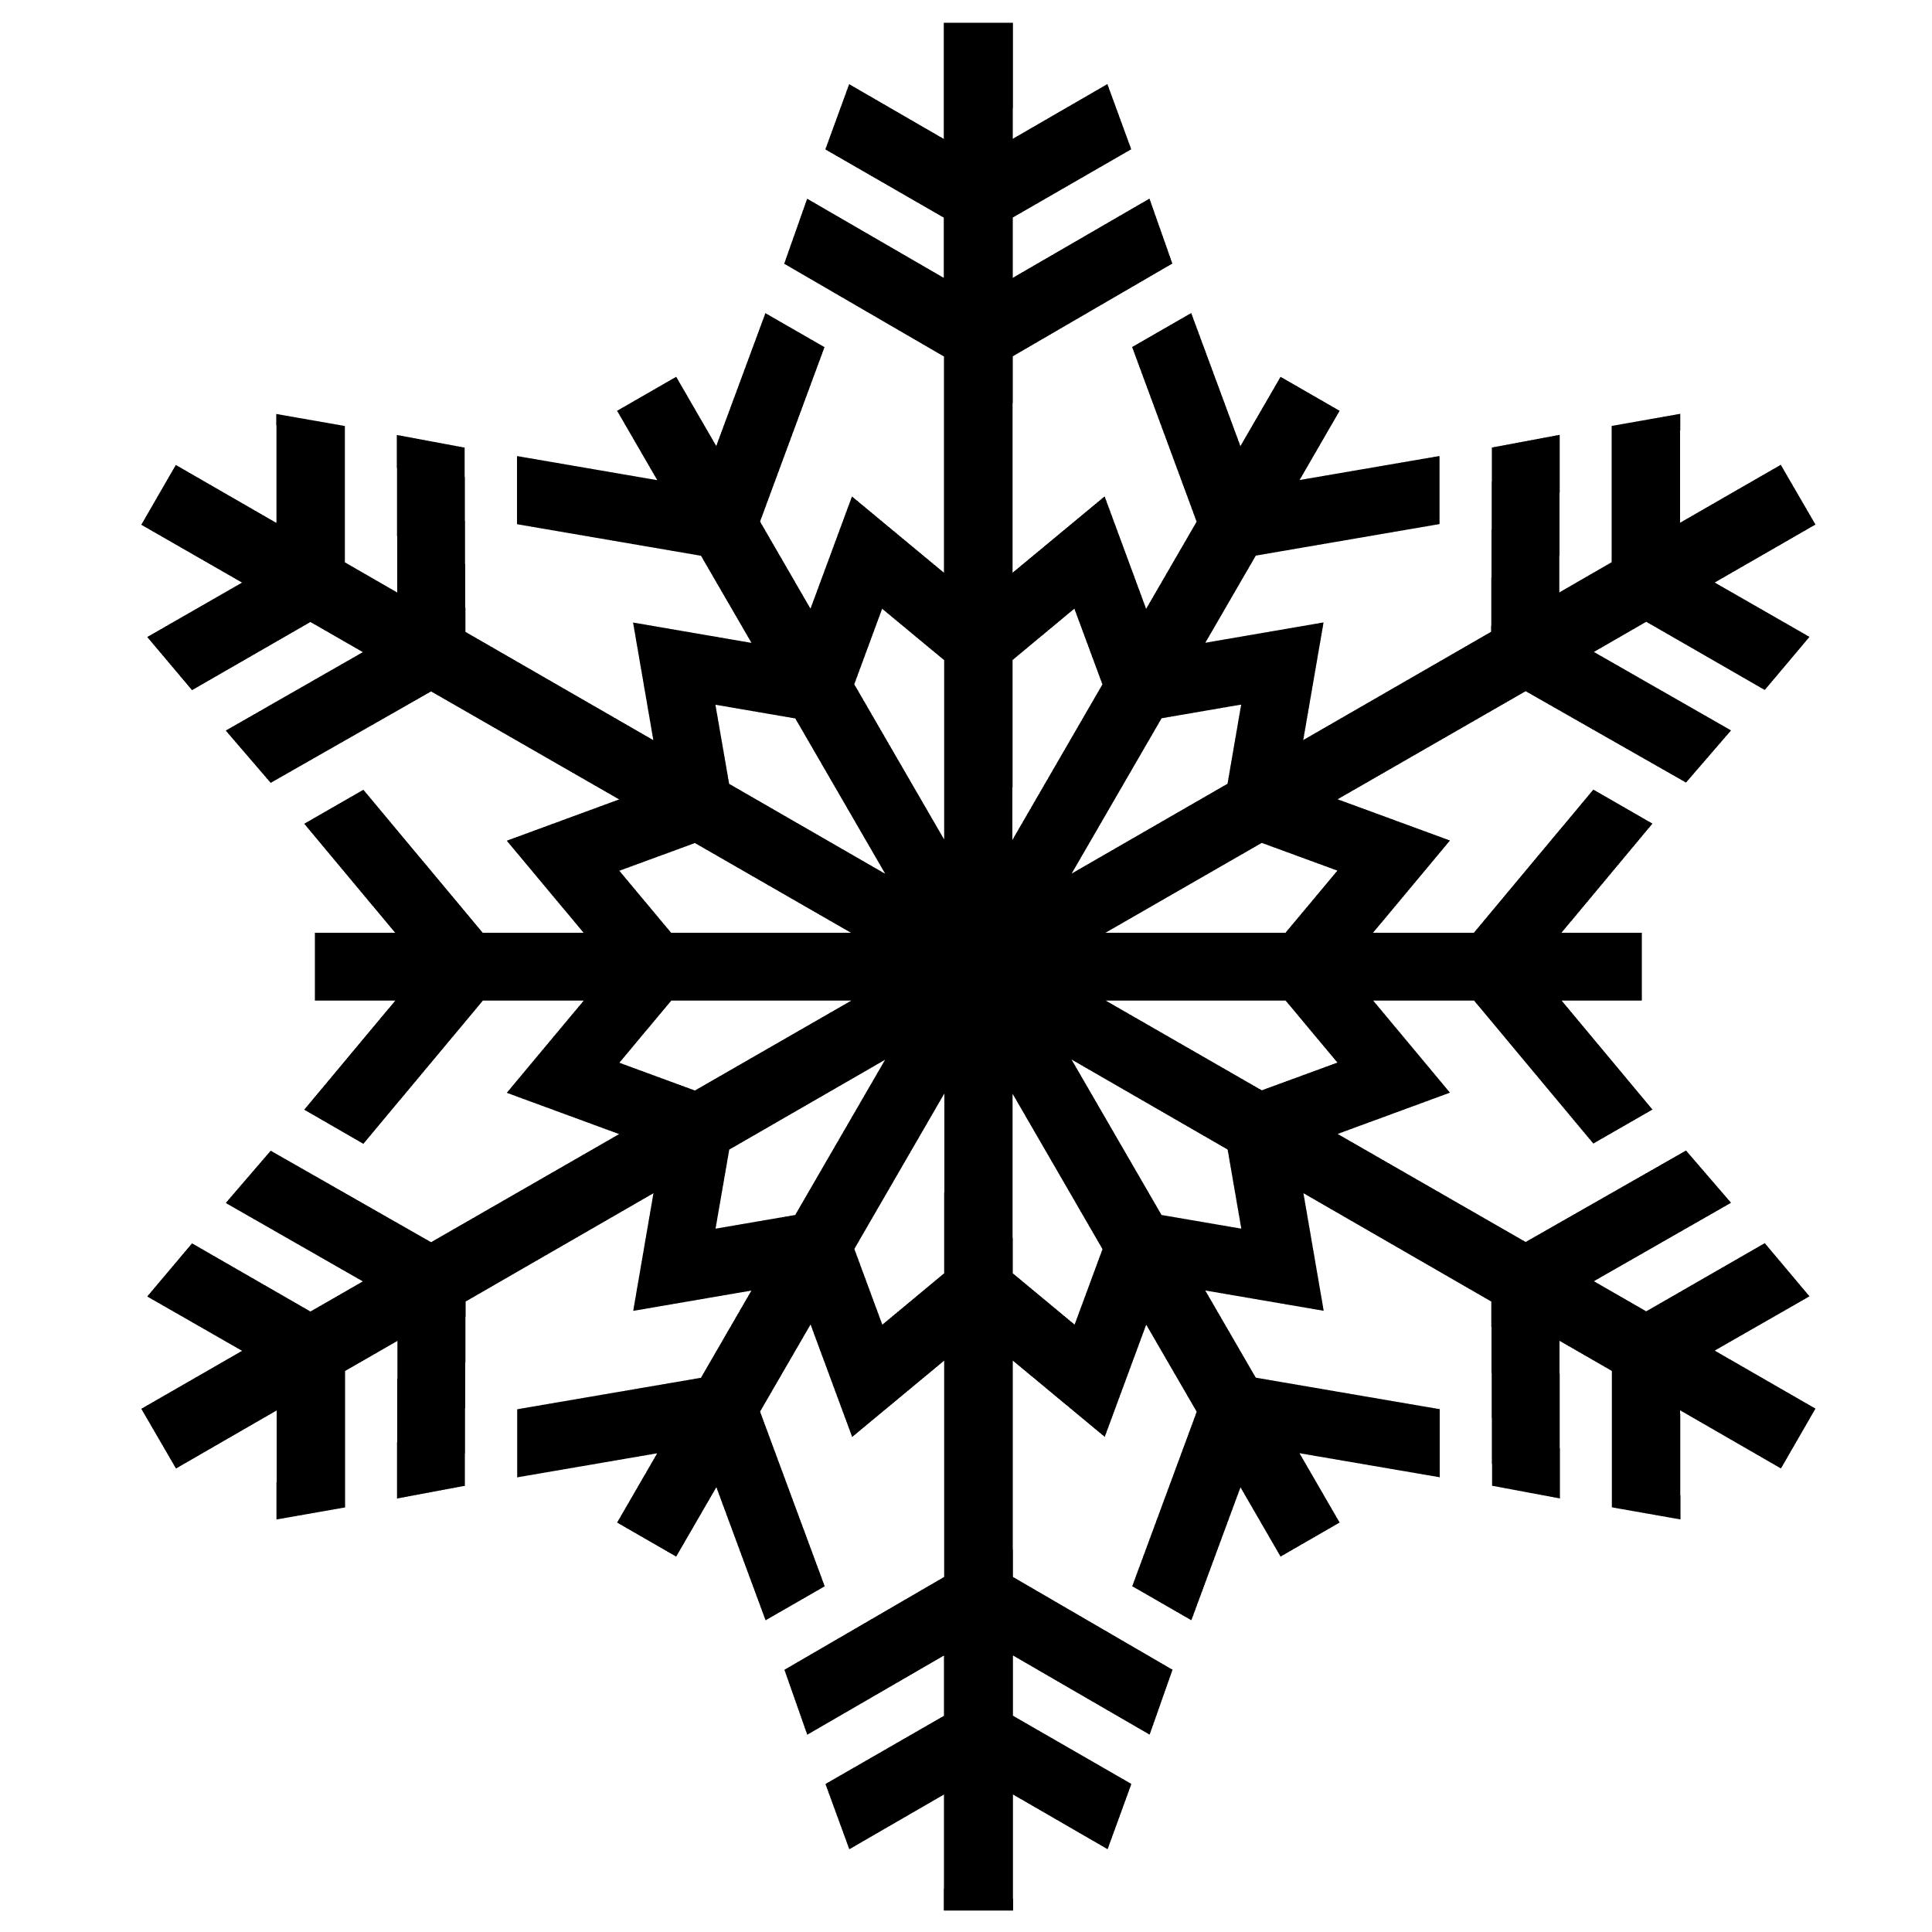 Copos De Nieve Png Buscar Con Google Copo De Nieve Dibujo Copos De Nieve Png Dibujo De Navidad